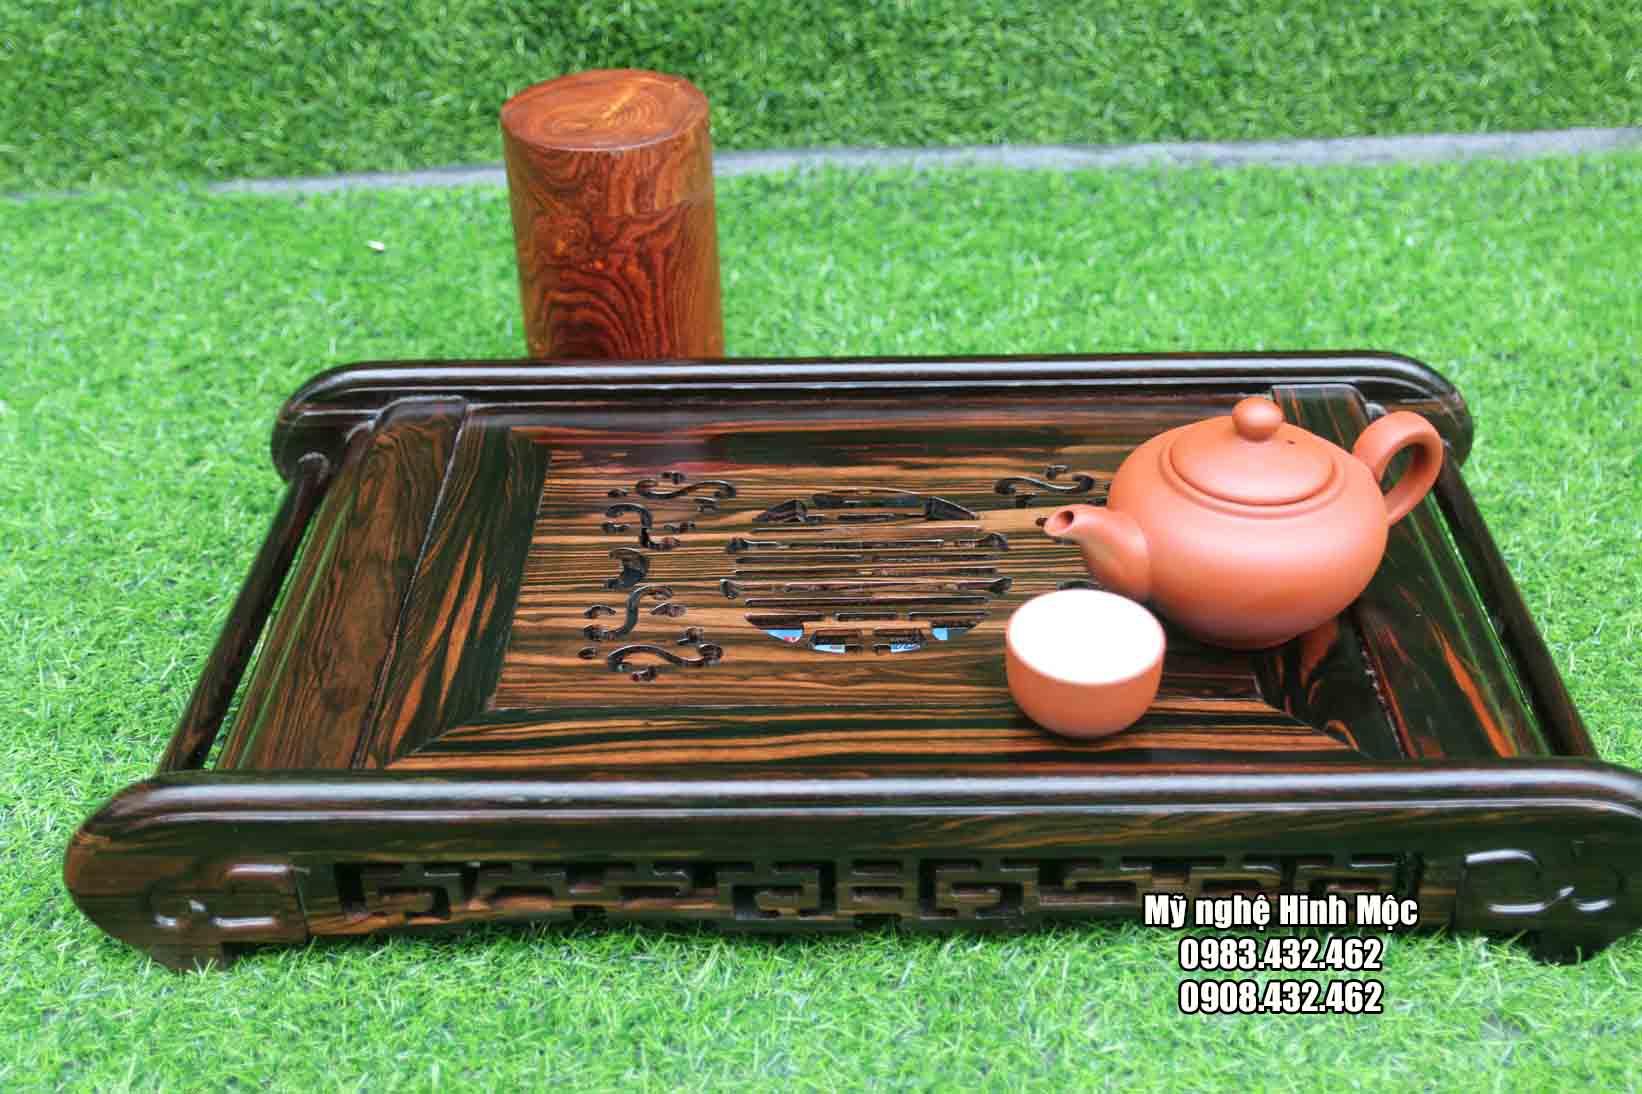 Khay trà chân cuốn gỗ mun